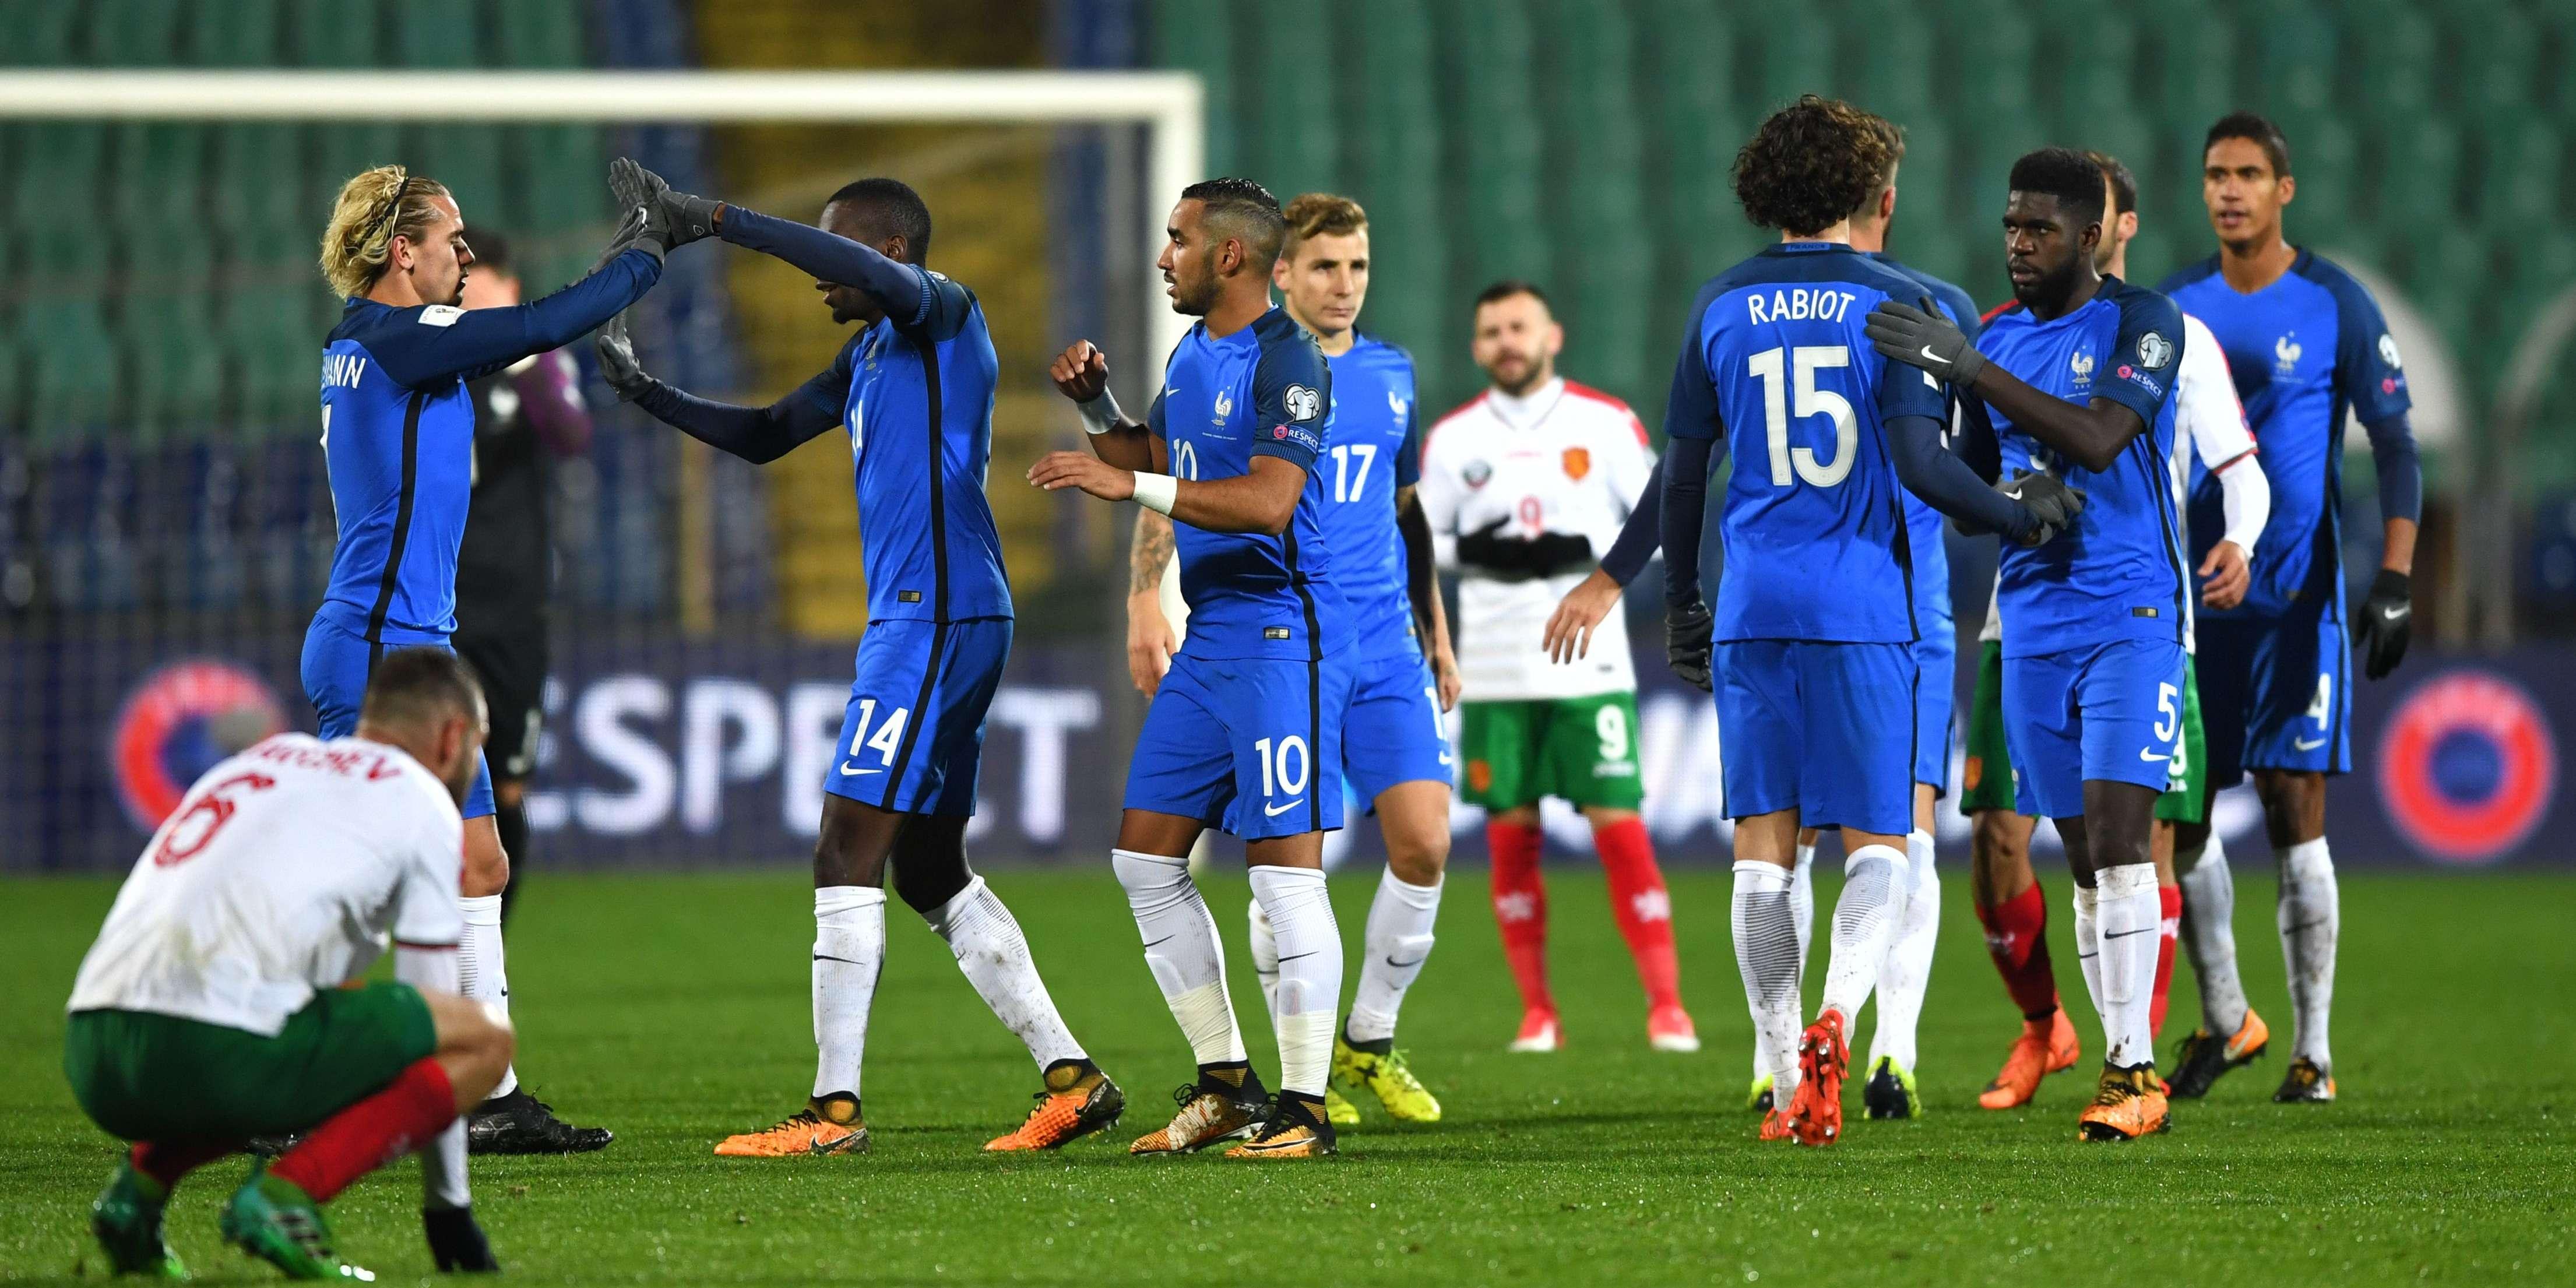 coupe du monde 2018 revivez la victoire des bleus en bulgarie 1 0. Black Bedroom Furniture Sets. Home Design Ideas